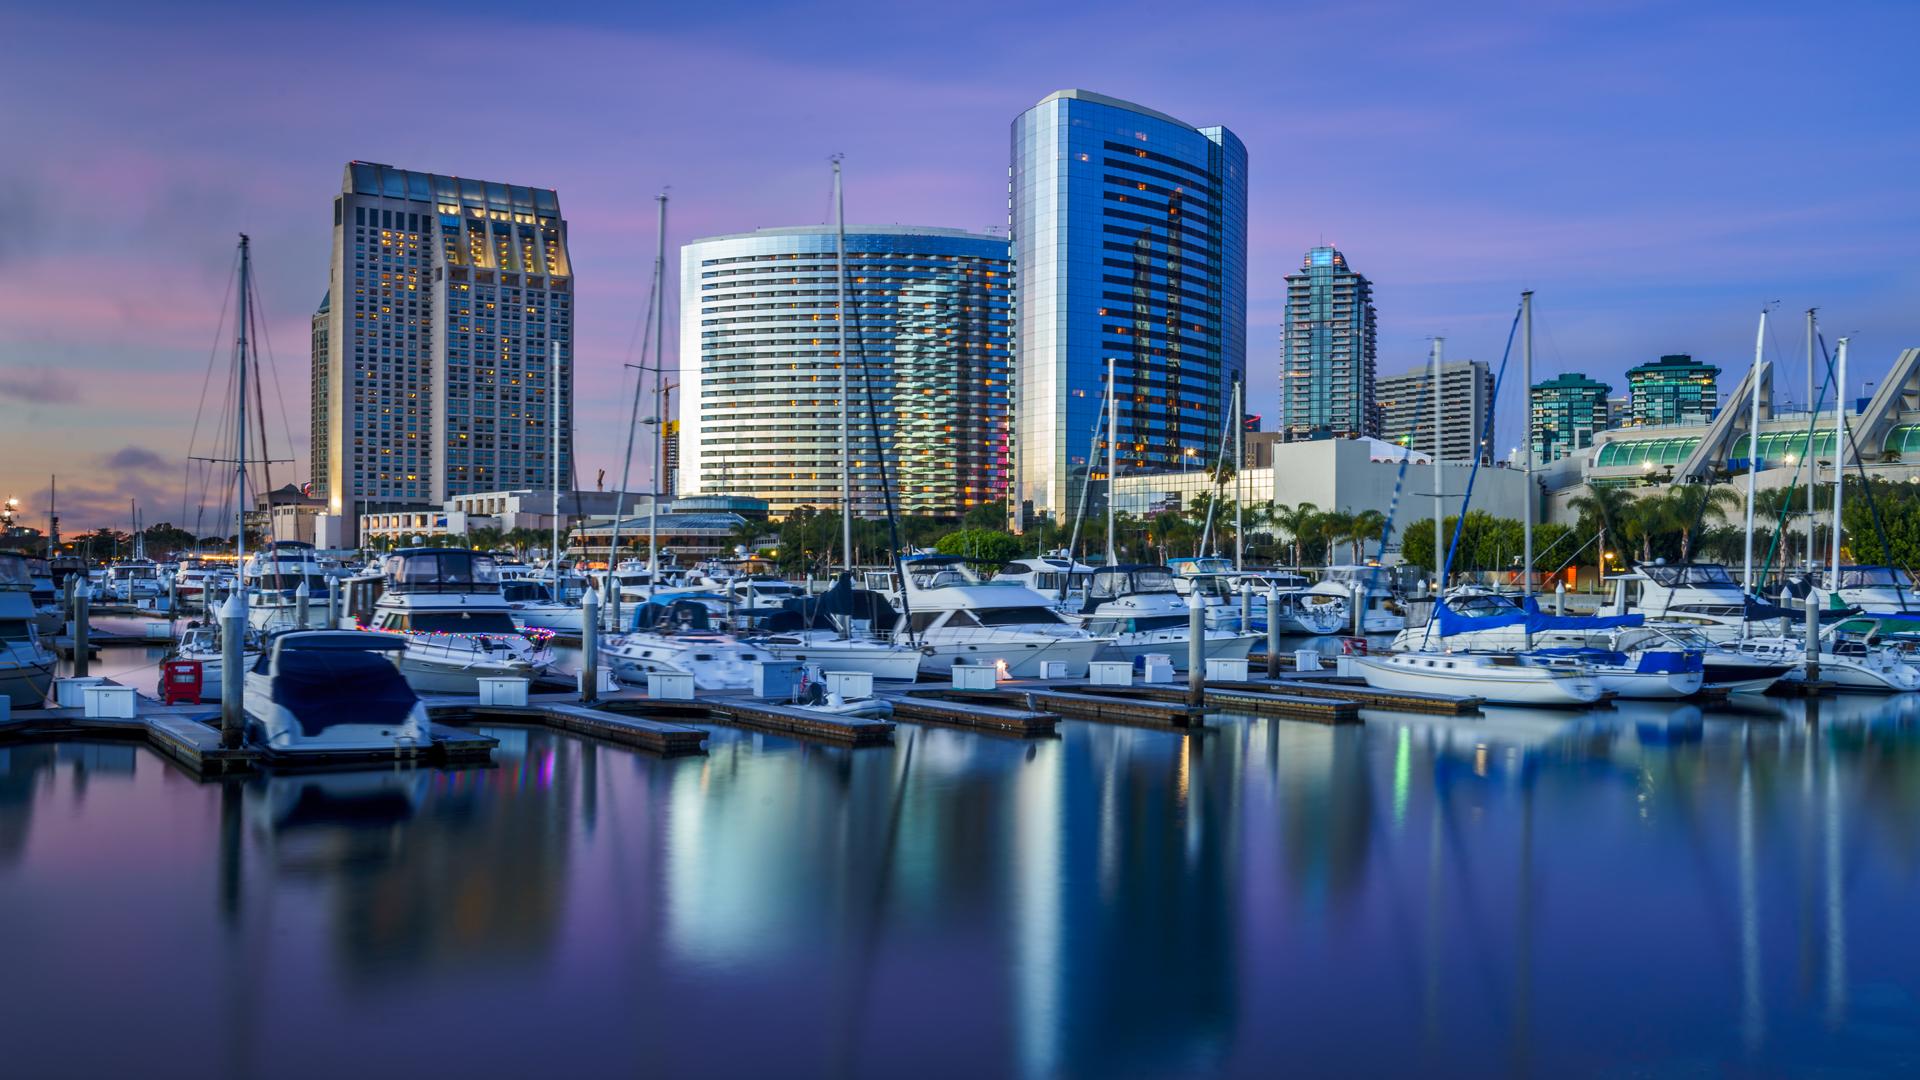 SD Harbor Marina3, San Diego Marina